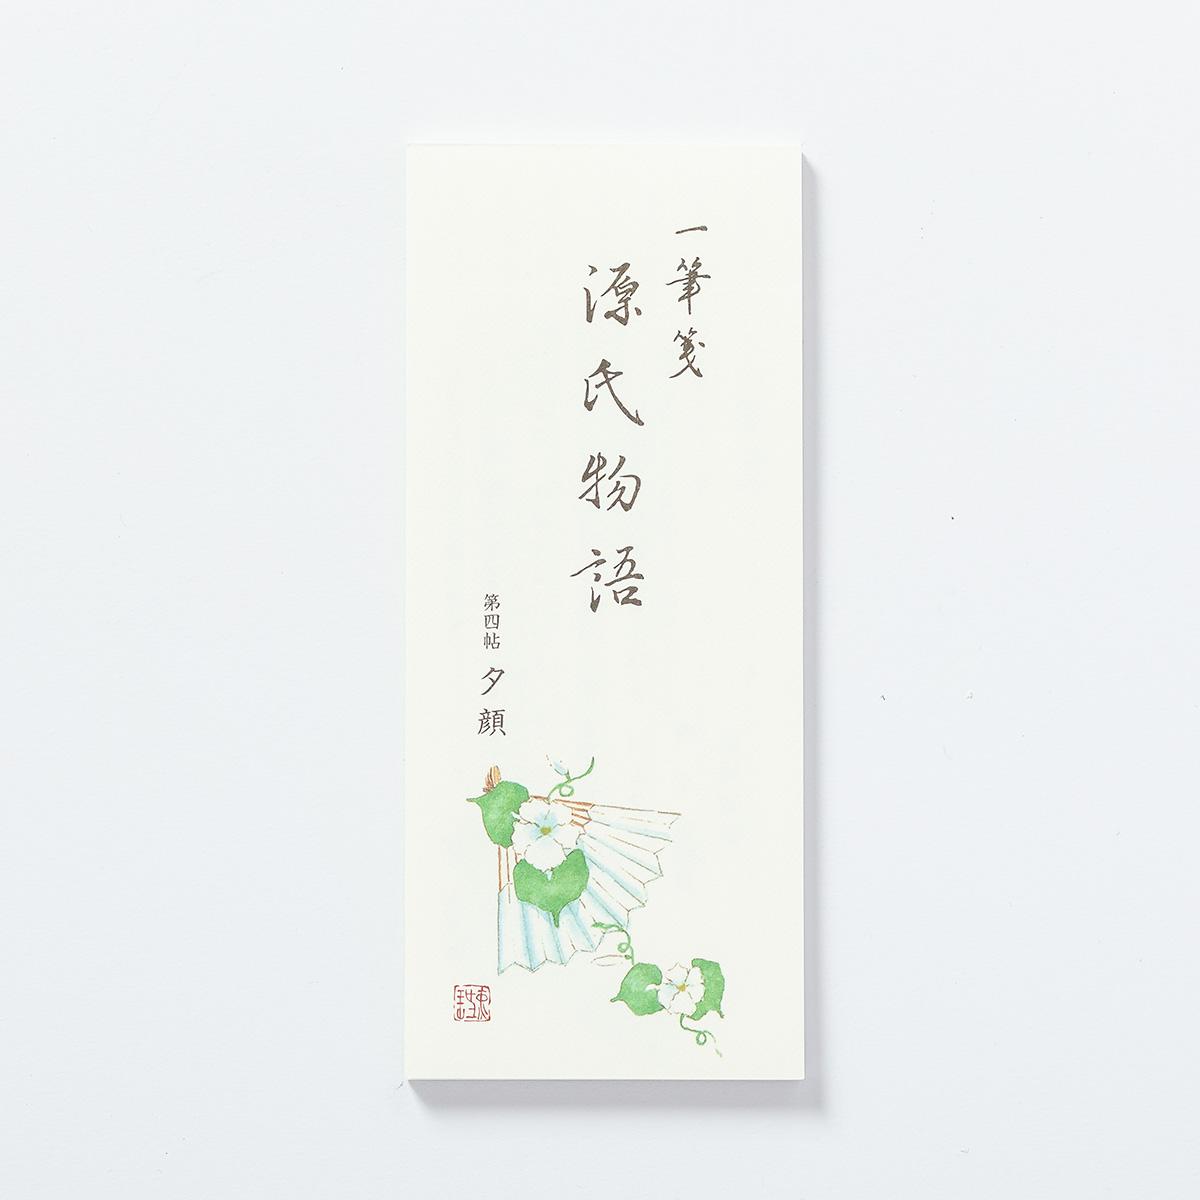 源氏物語一筆箋 第4帖「夕顔」